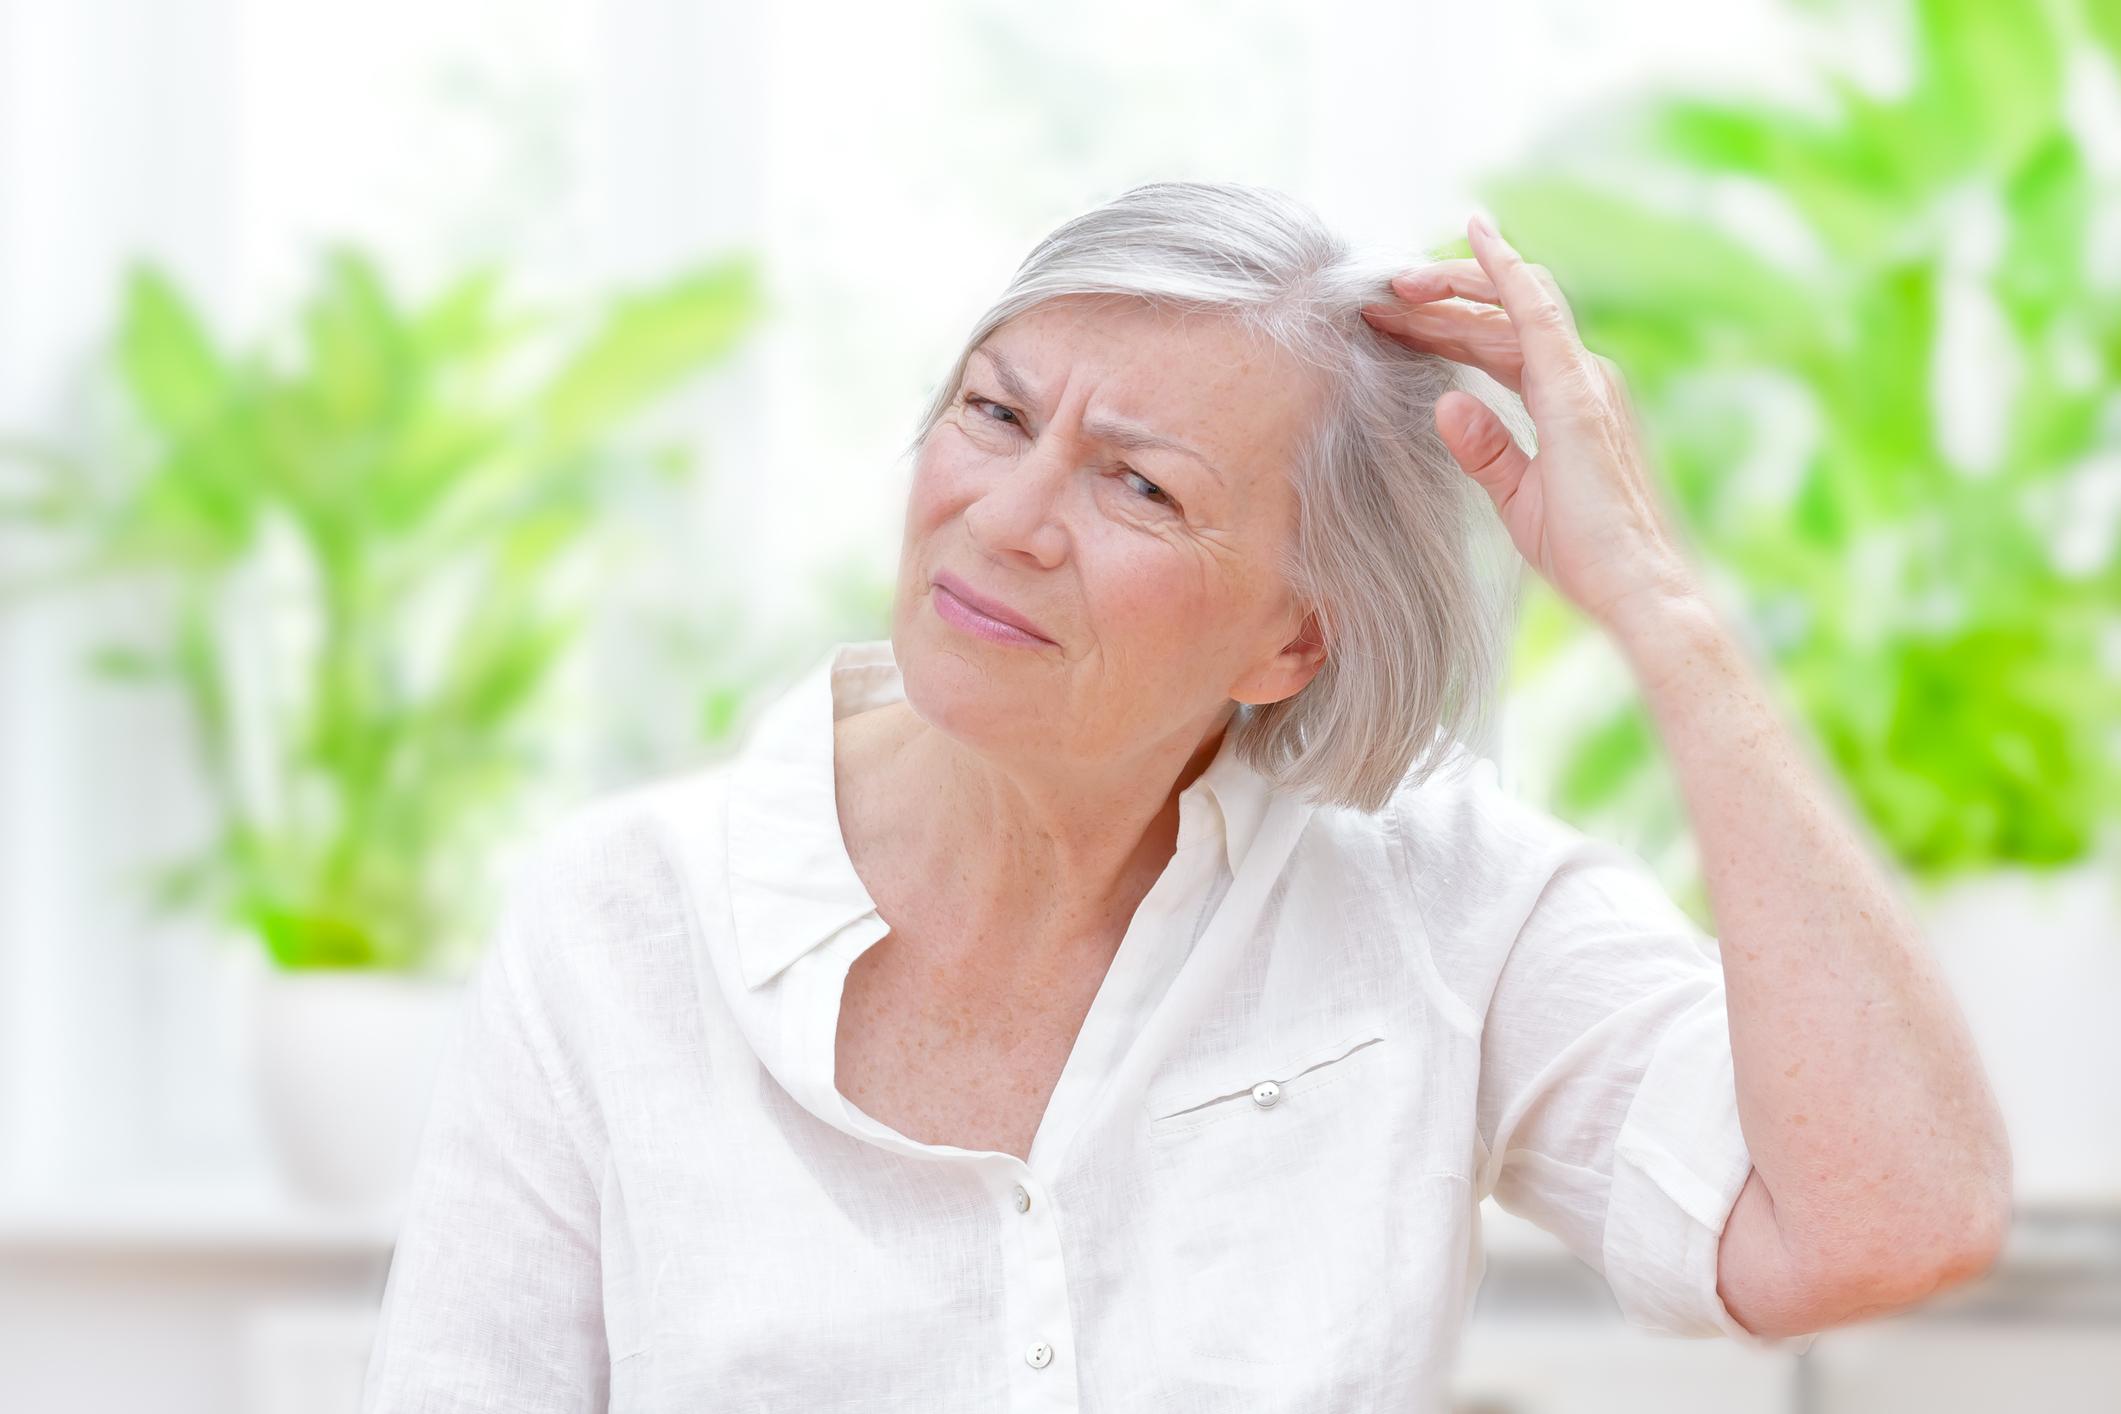 senior woman thinning hair loss